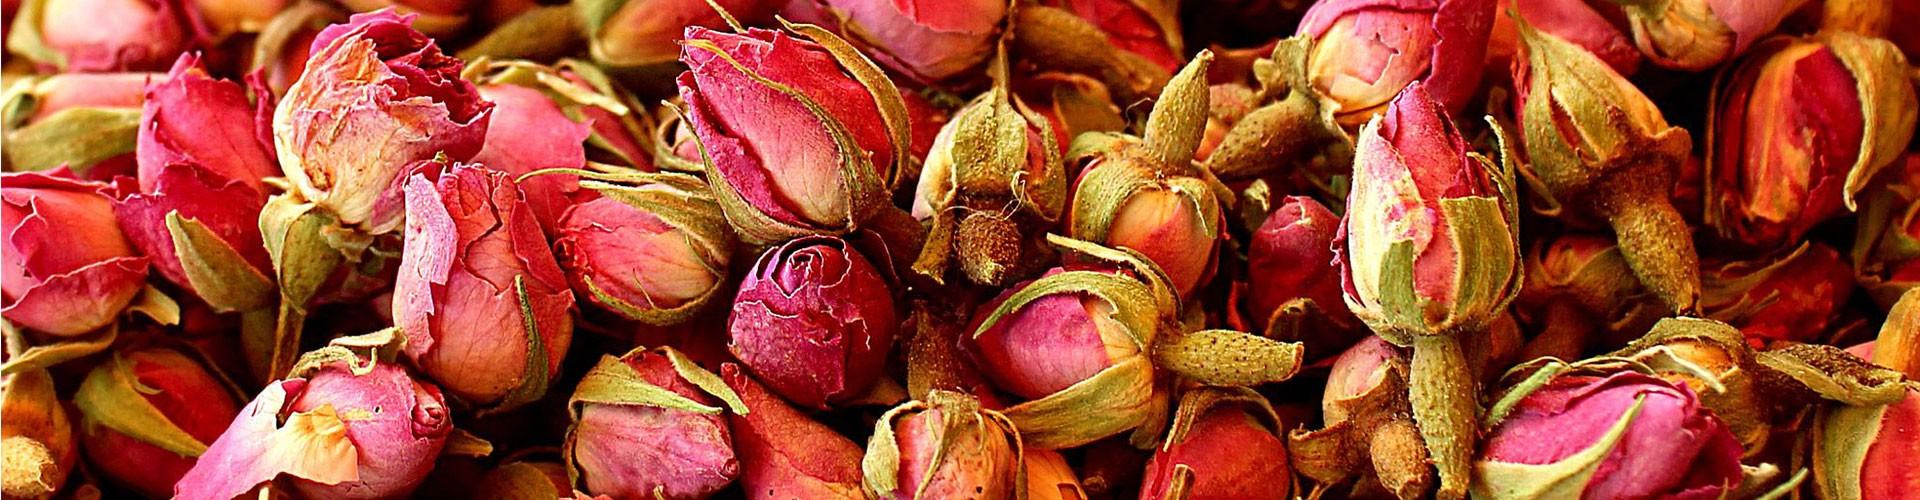 Elige entre más de 30 fragancias y perfumes